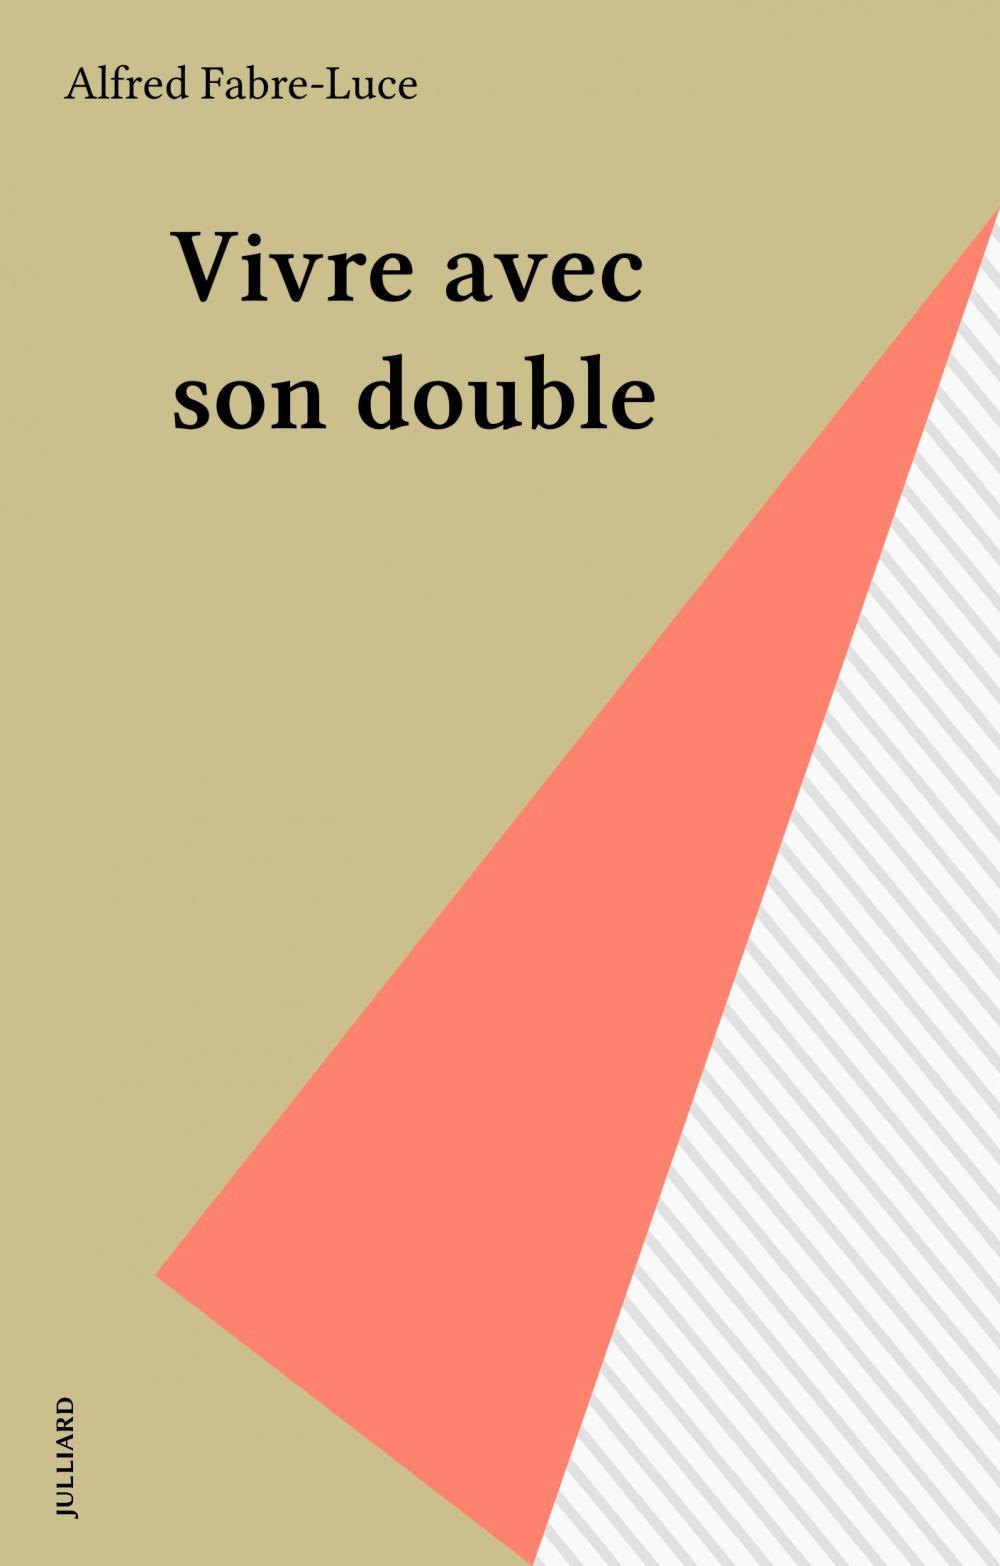 Vivre avec son double  - Fabre Luce/A  - Alfred Fabre-Luce